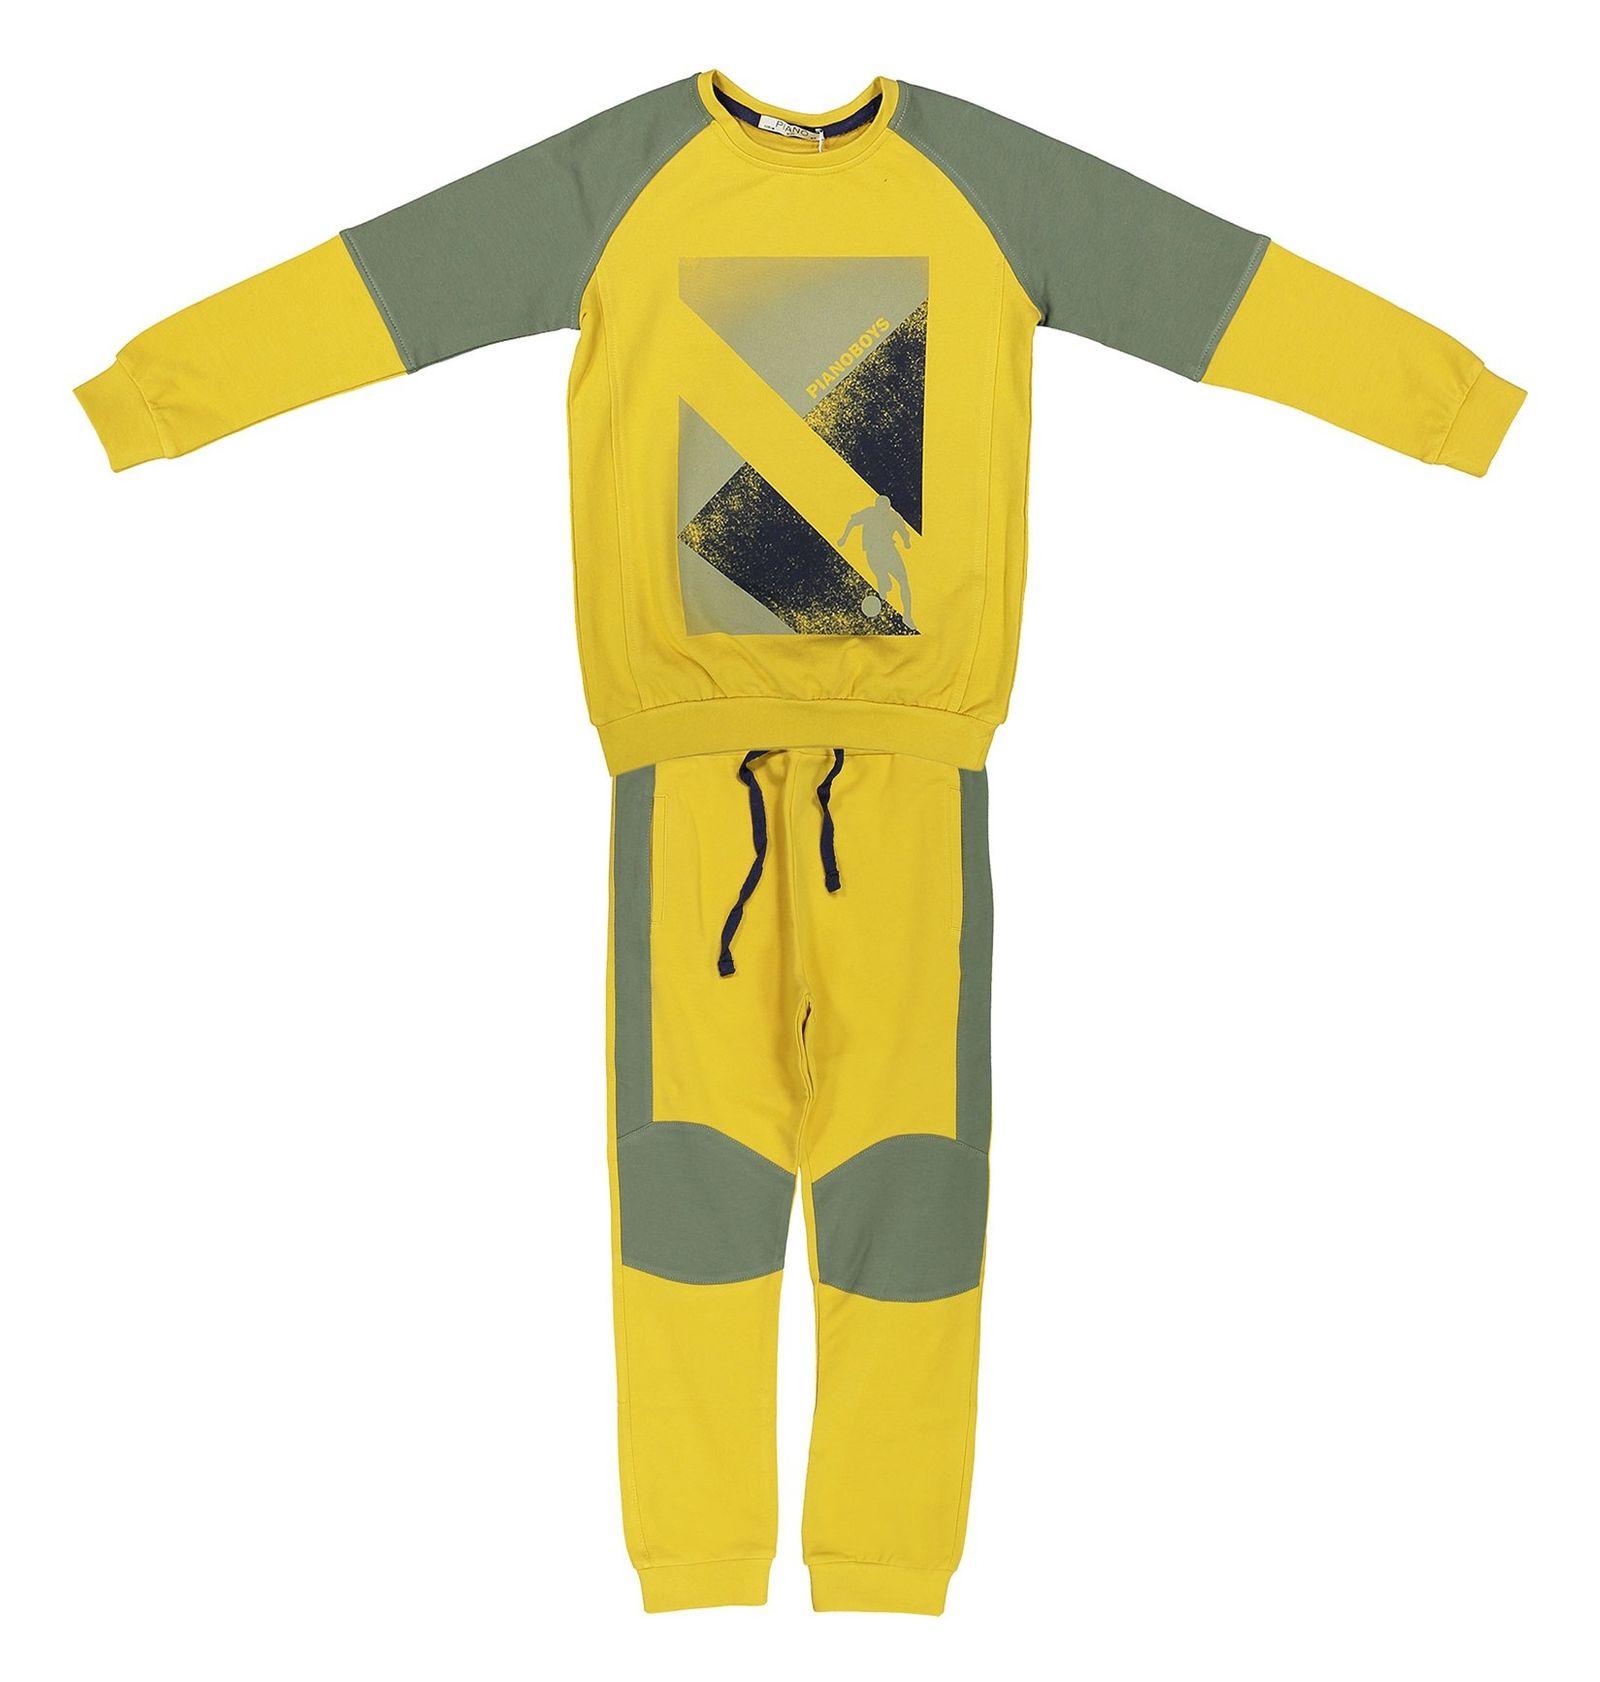 پیراهن و شلوار پسرانه - پیانو - زرد - 1